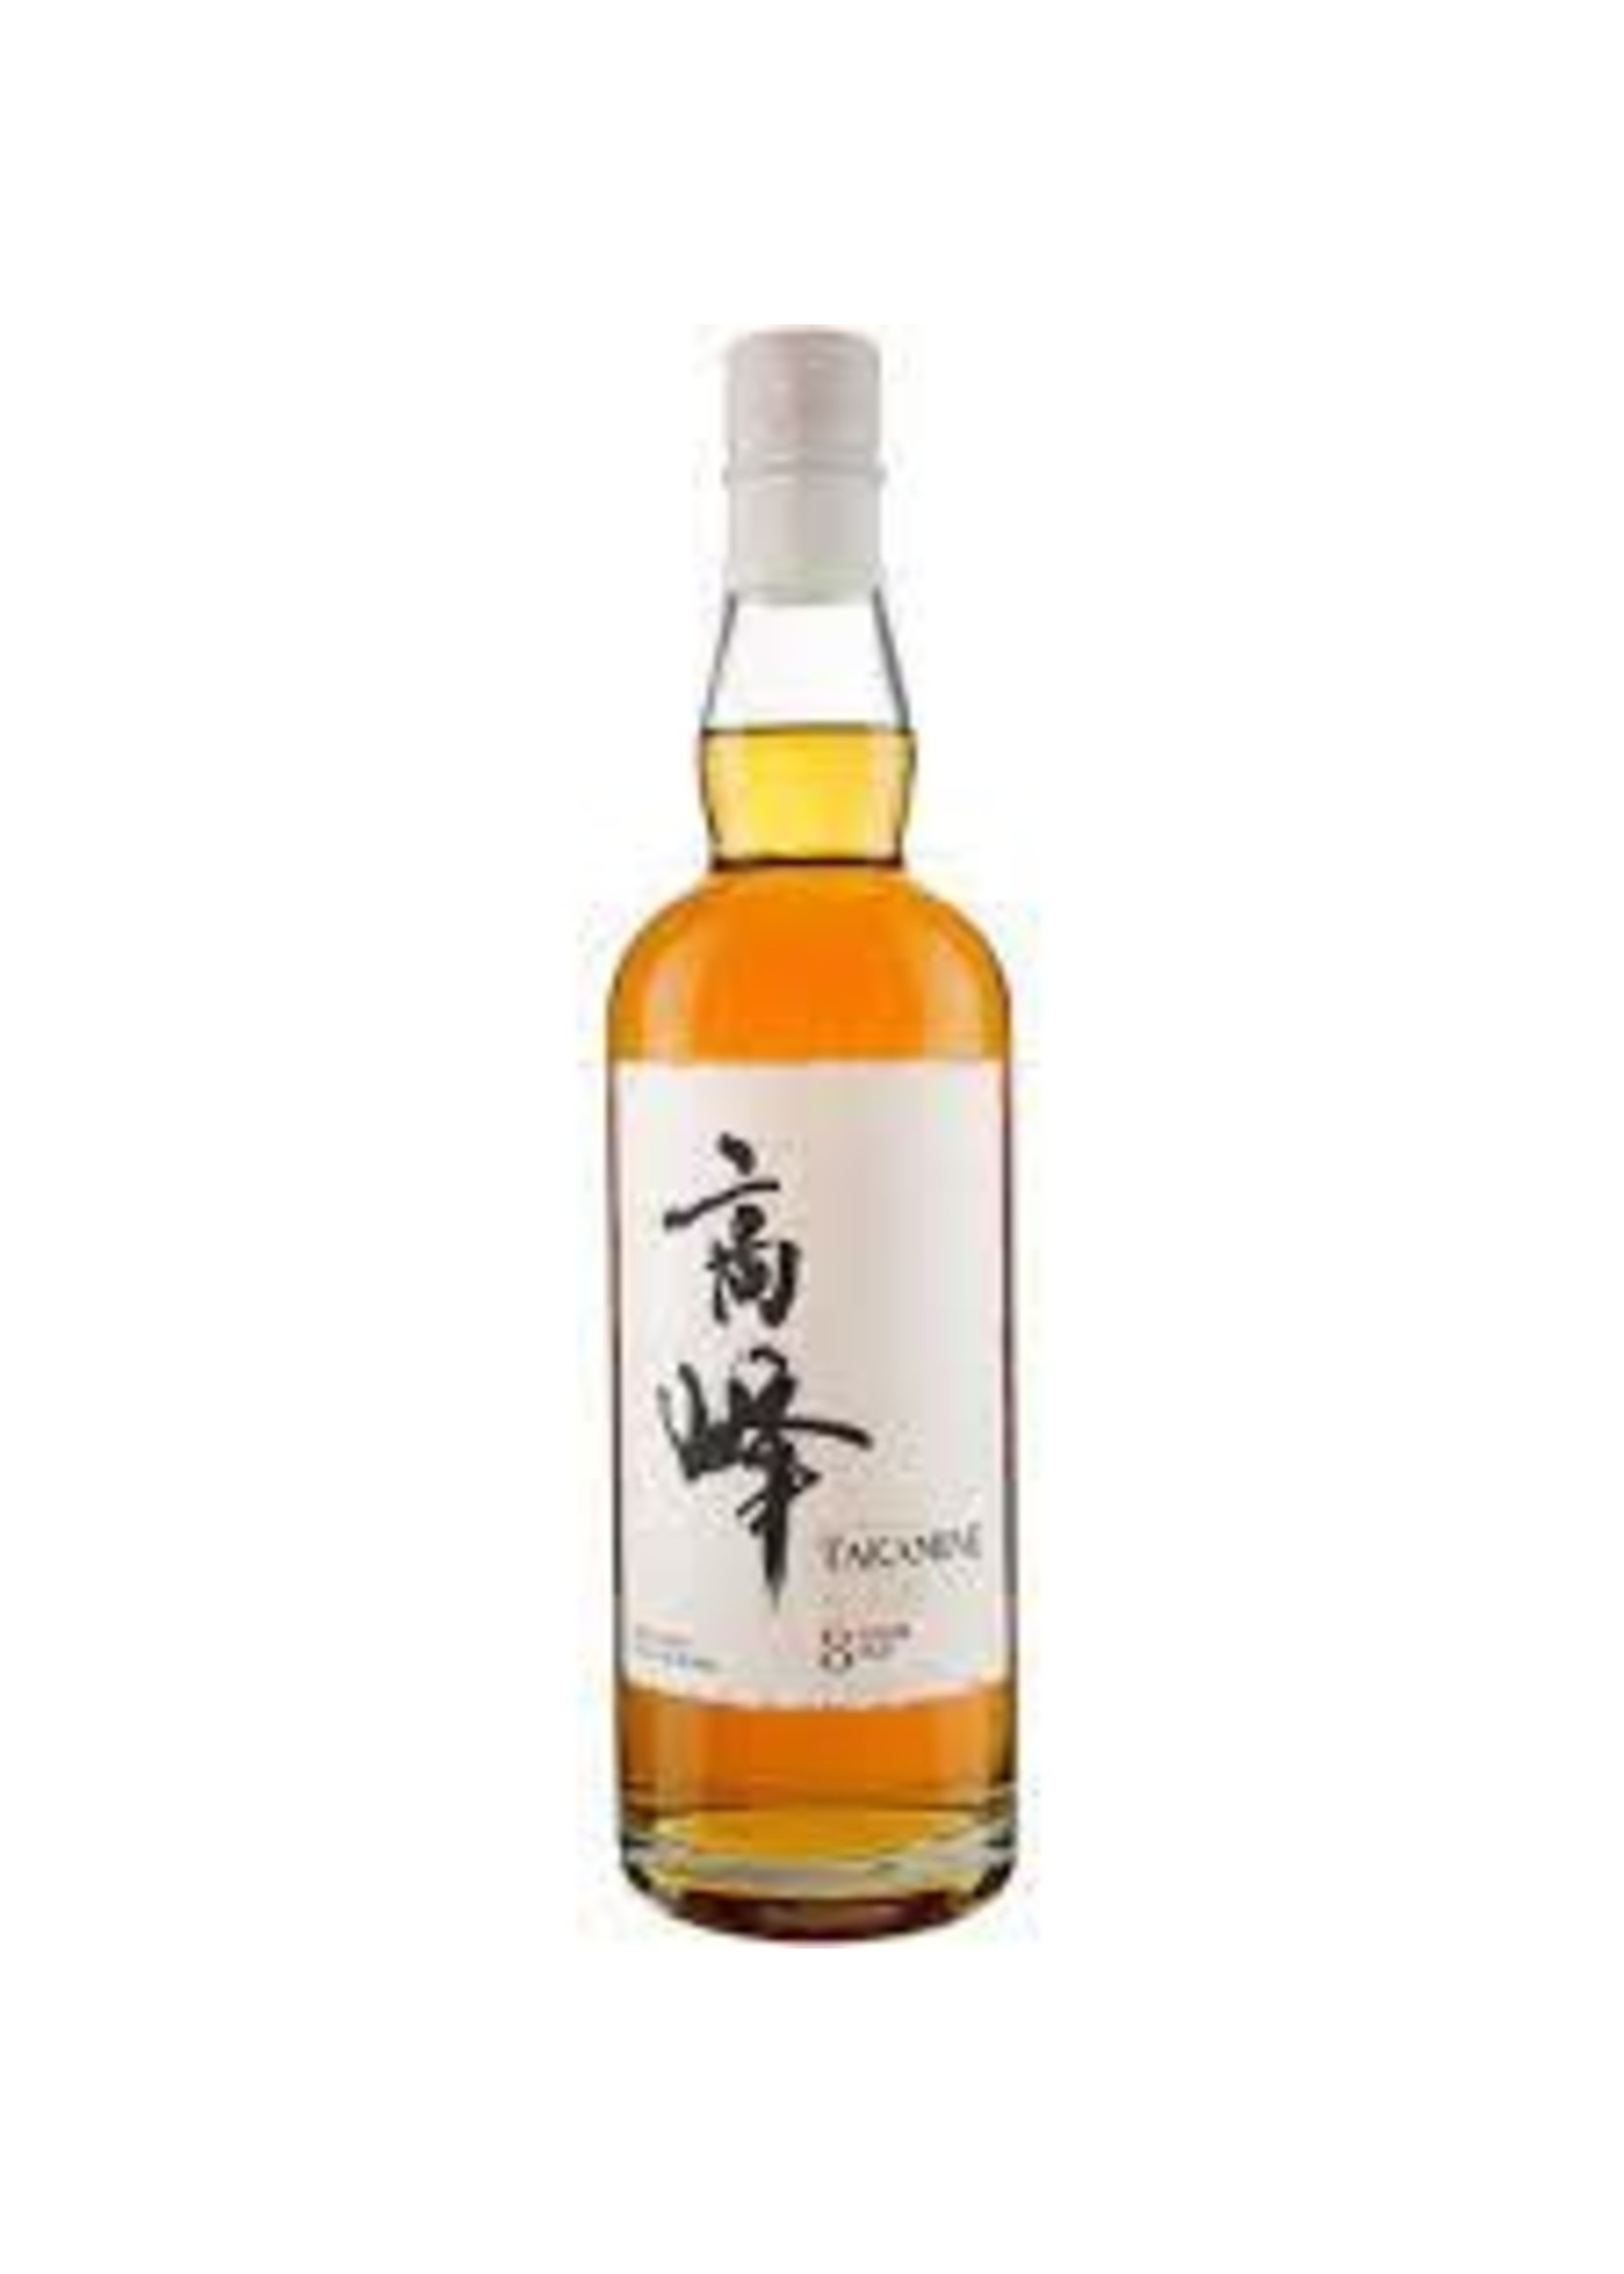 Takamine 8 Years Old Koji Whiskey 750ml